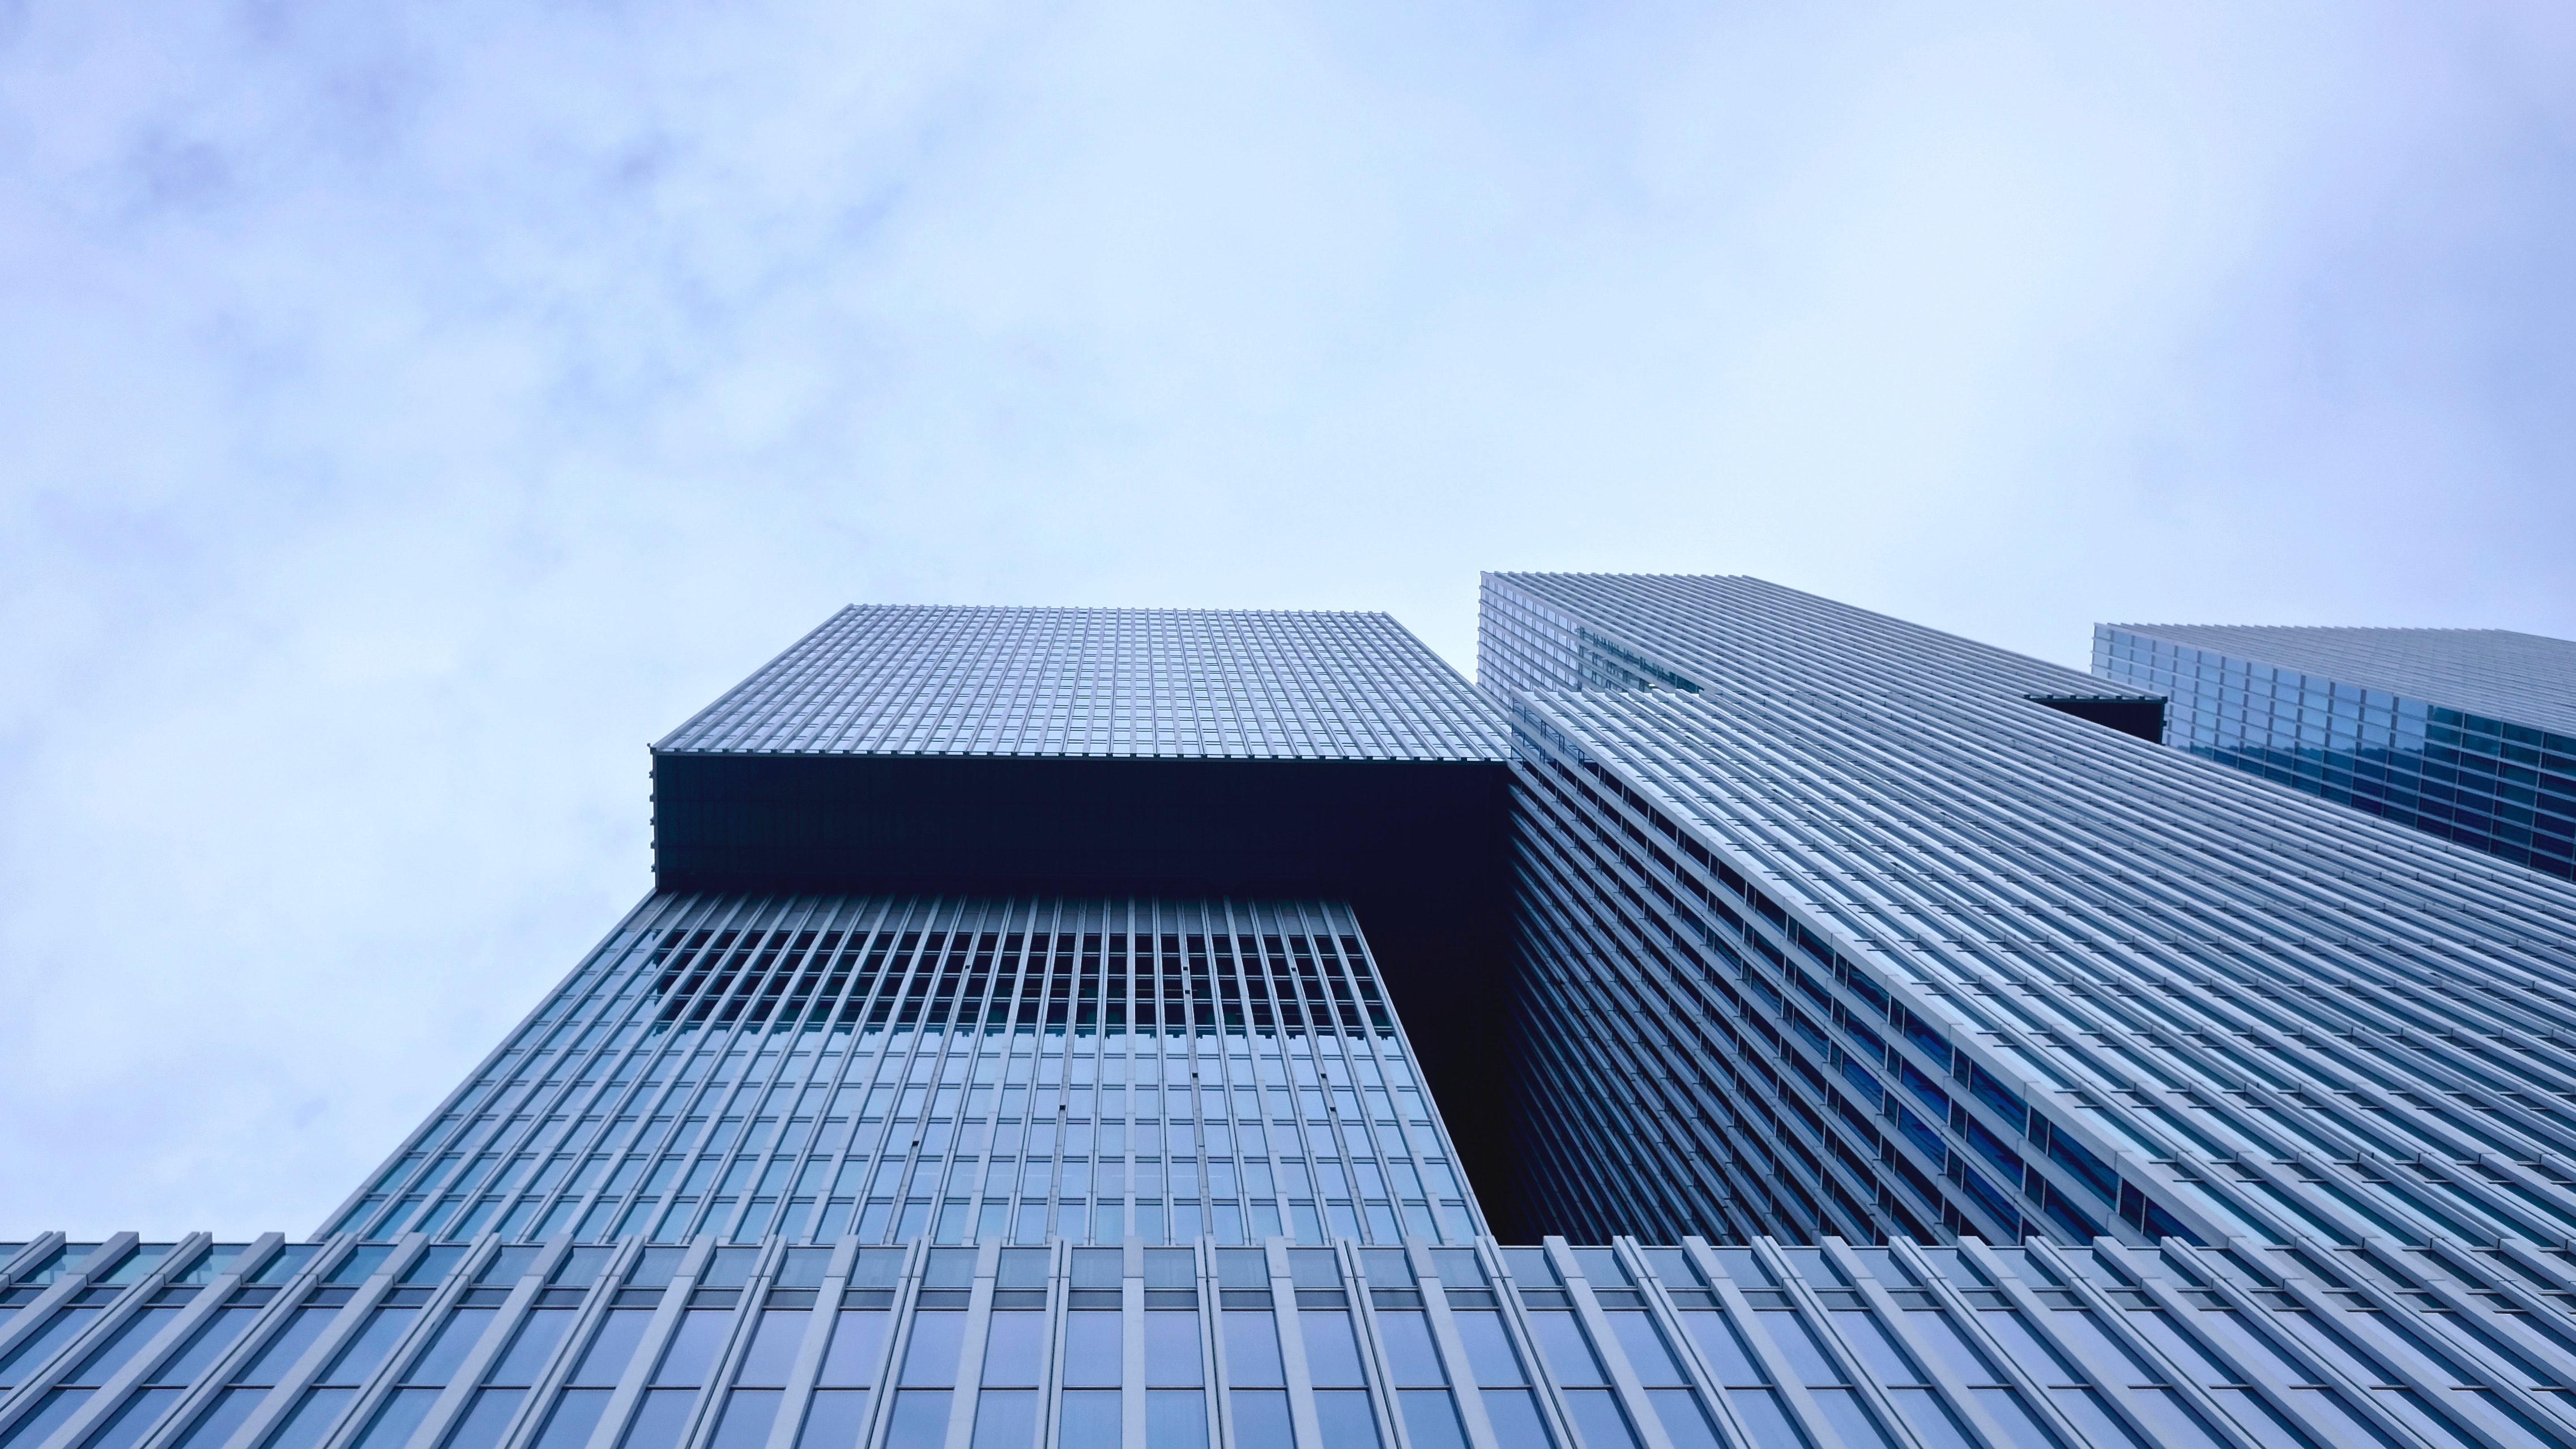 建筑工程第三方检测内容是什么